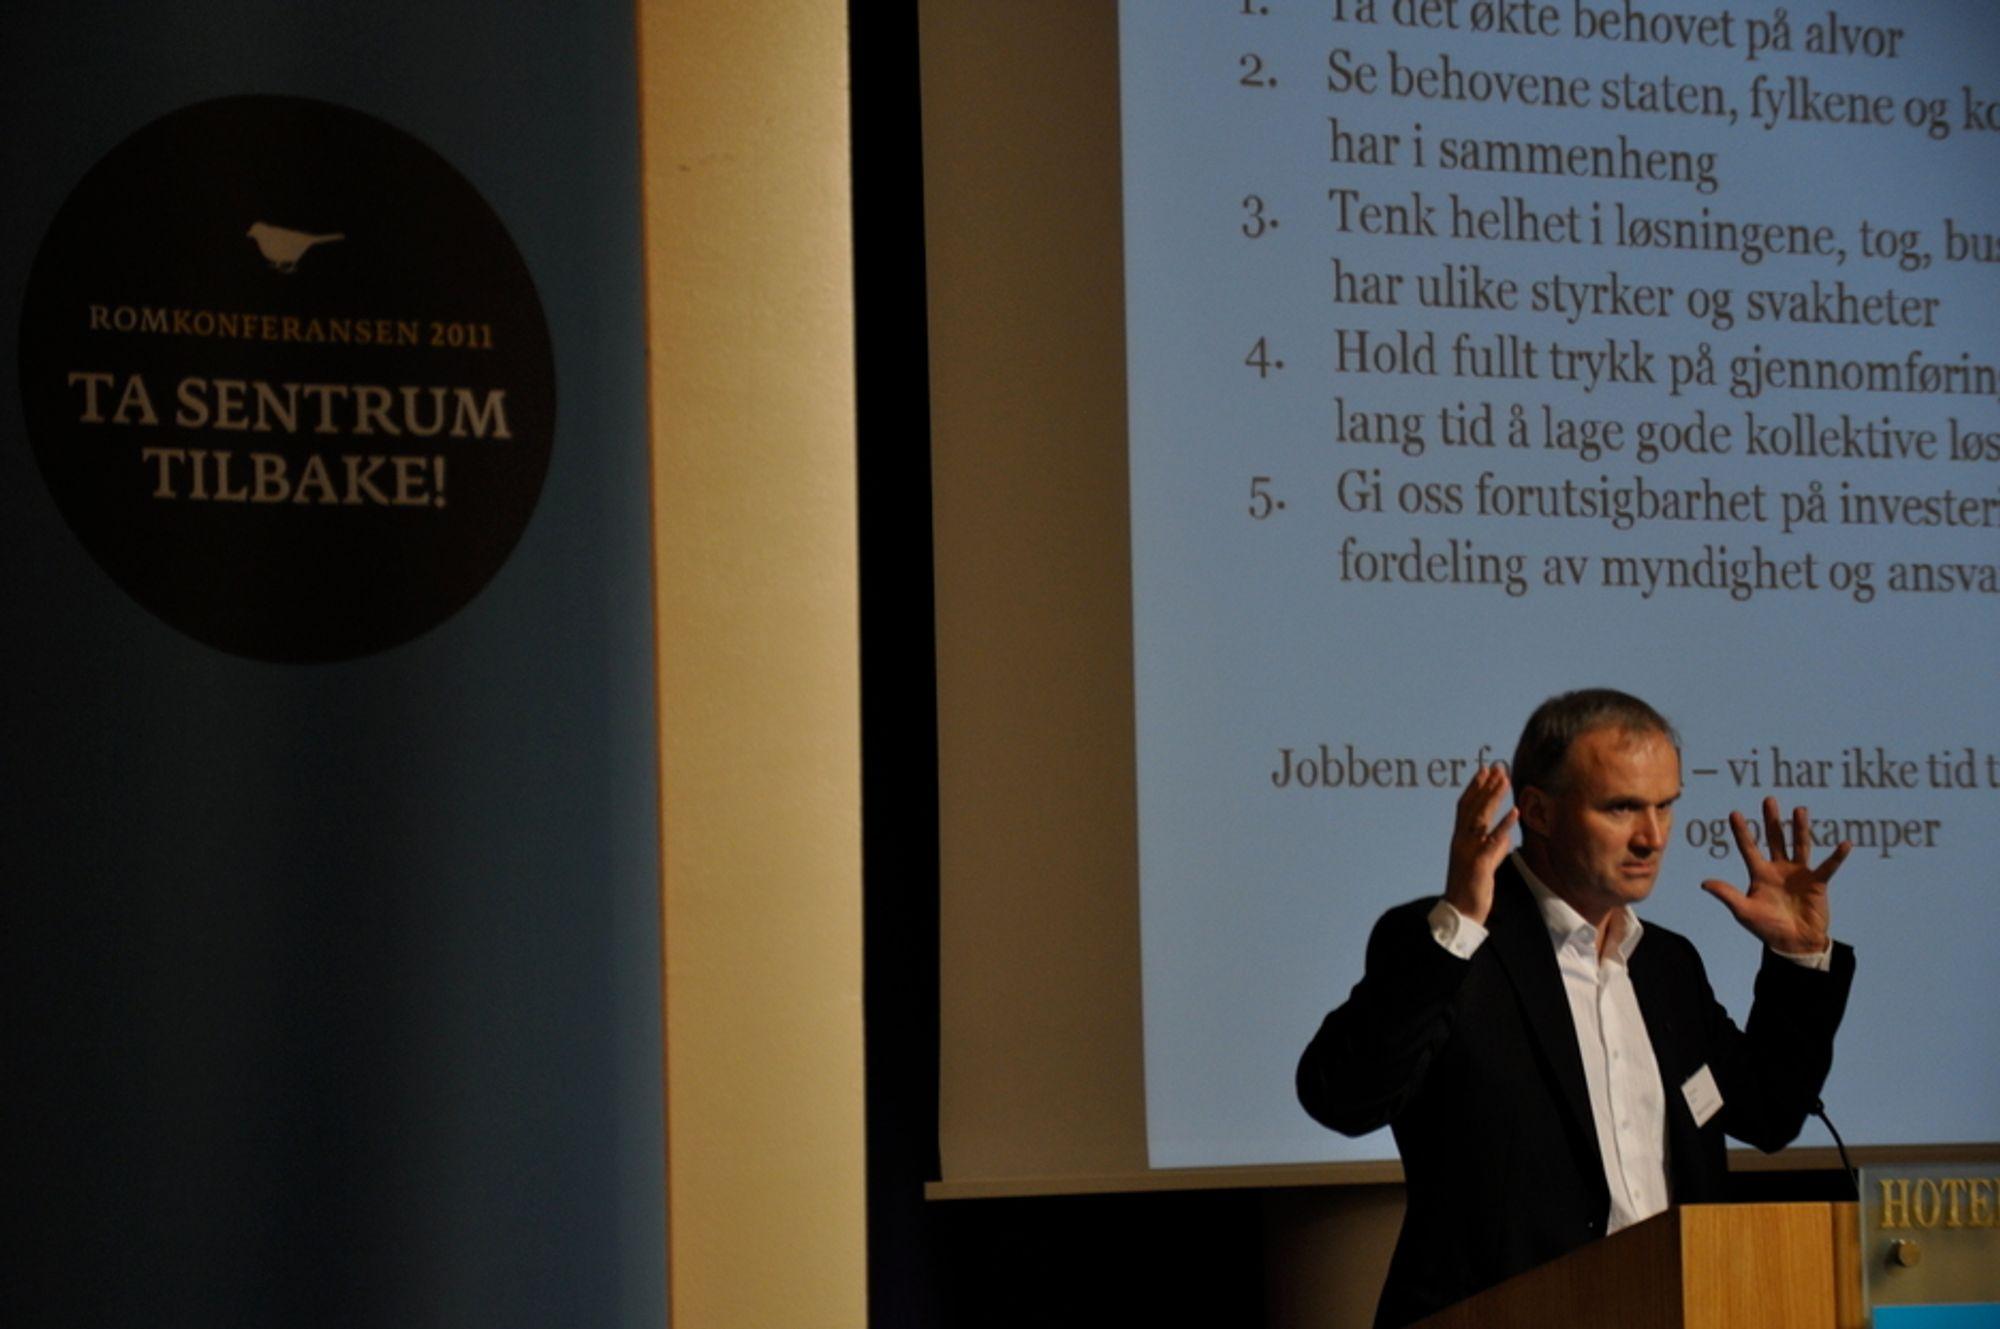 VISJONÆR: - For å ha det bra i Kolbotn må jeg komme meg raskt til Oslo og tilbake, sa Geir Isaksen, konsernsjef i NSB.